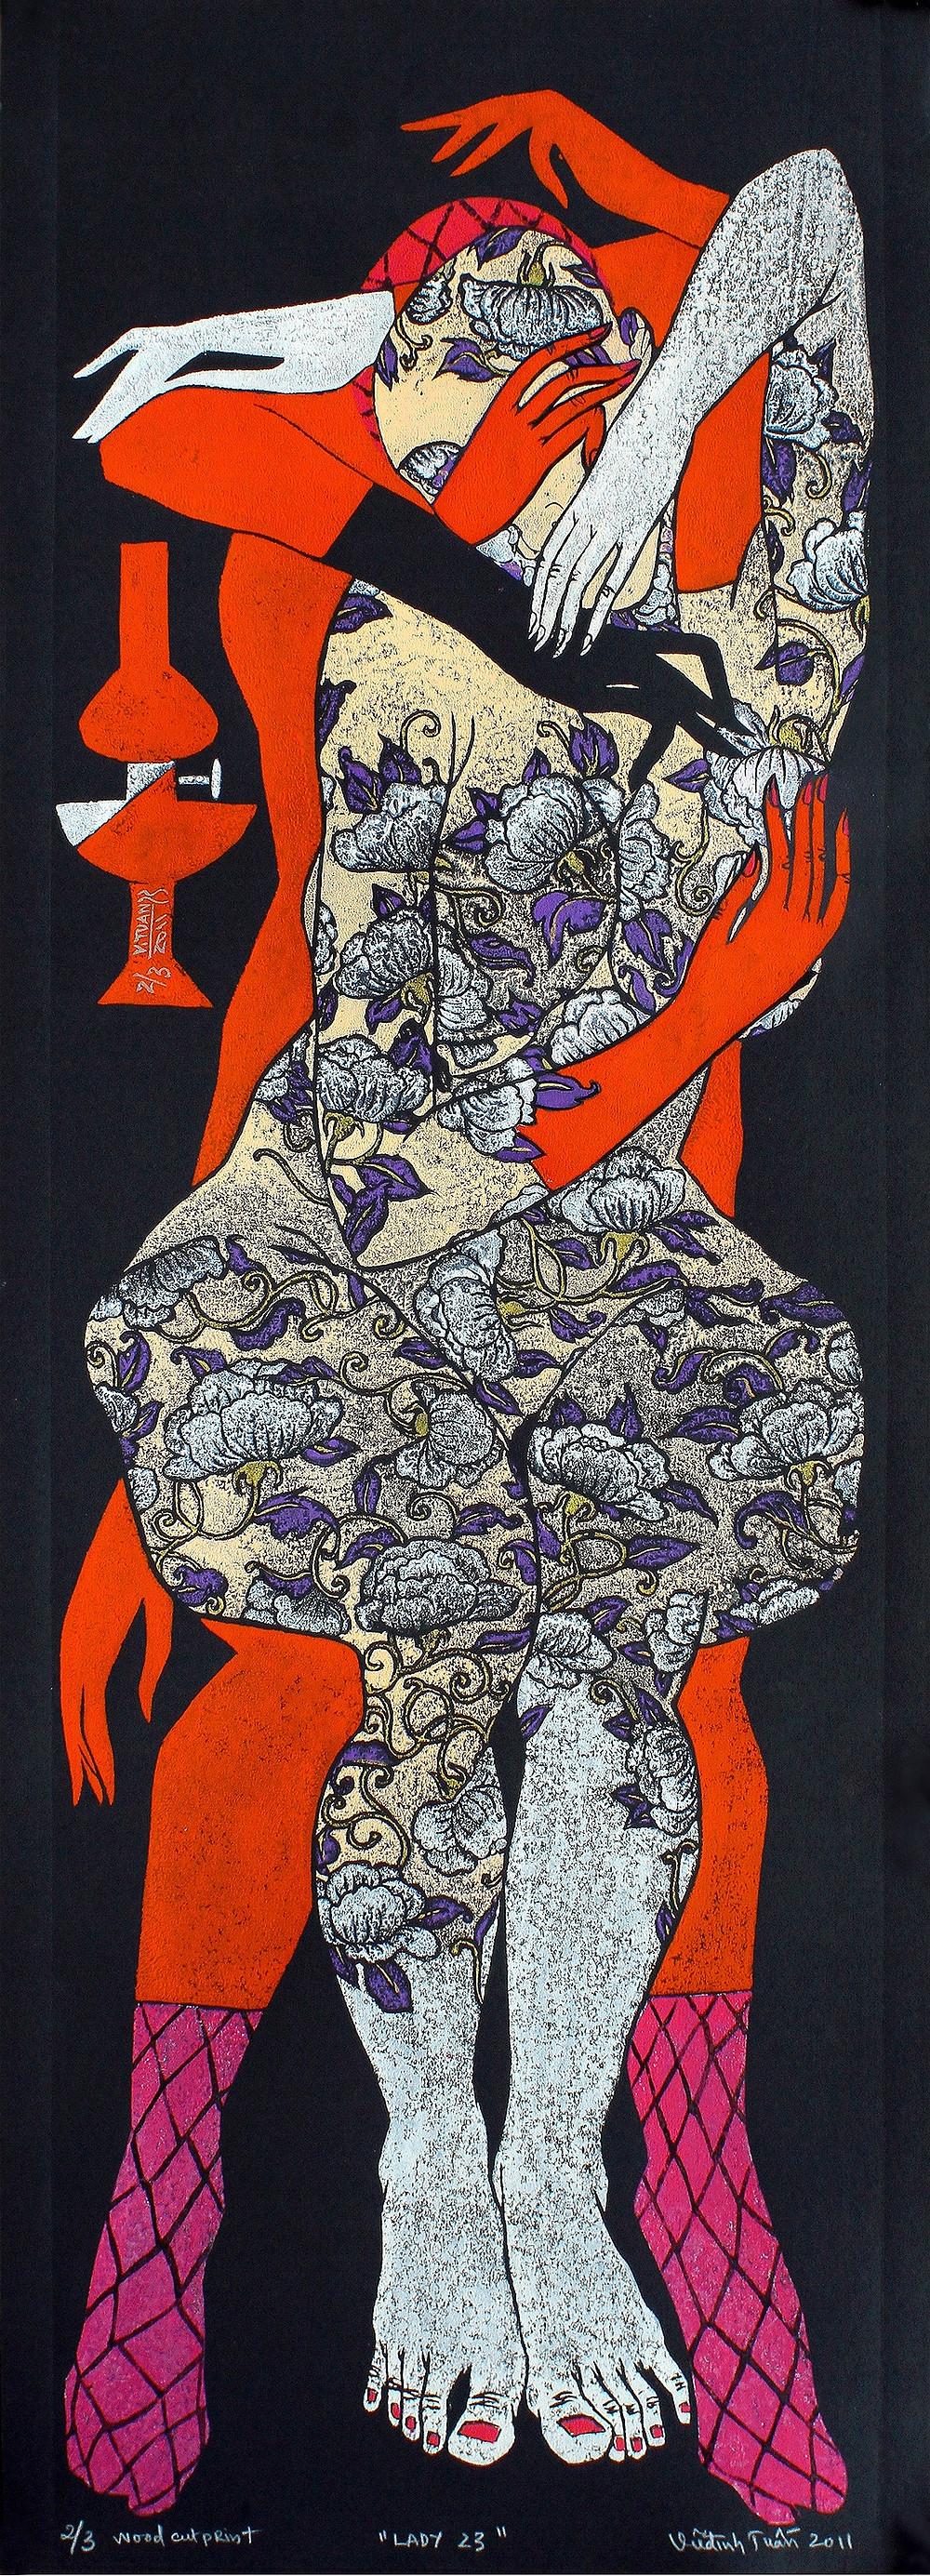 Vũ Đình Tuấn, Quý Cô 23, 2011, in khắc gỗ trên giấy đen, 110 x 40 cm